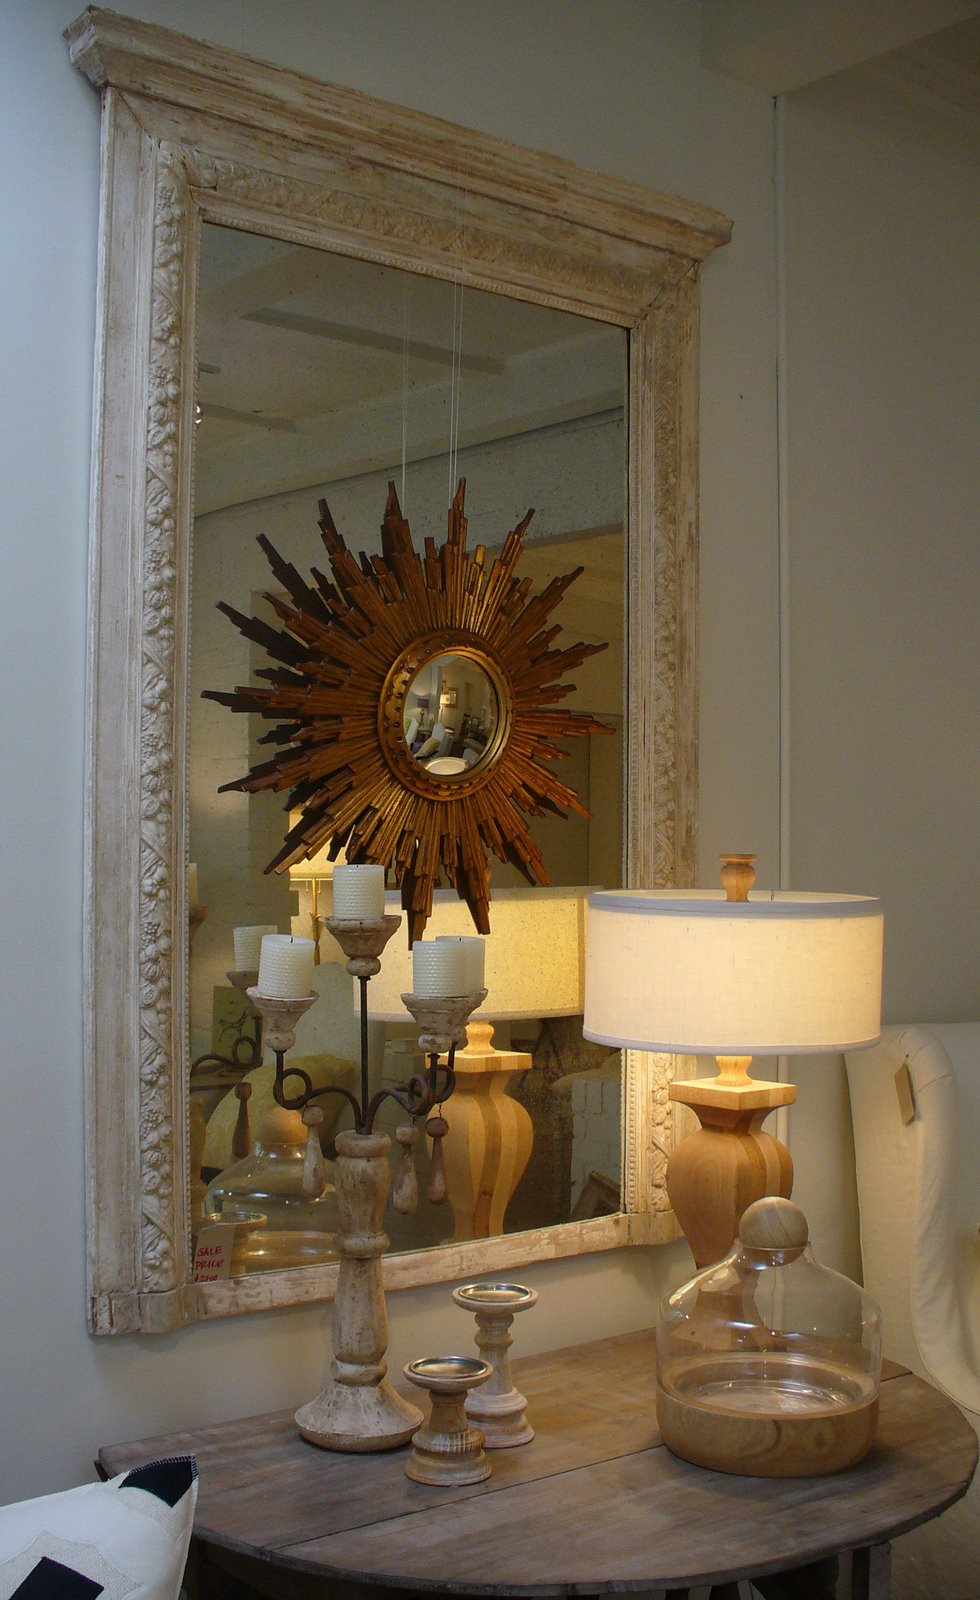 Starburt mirror